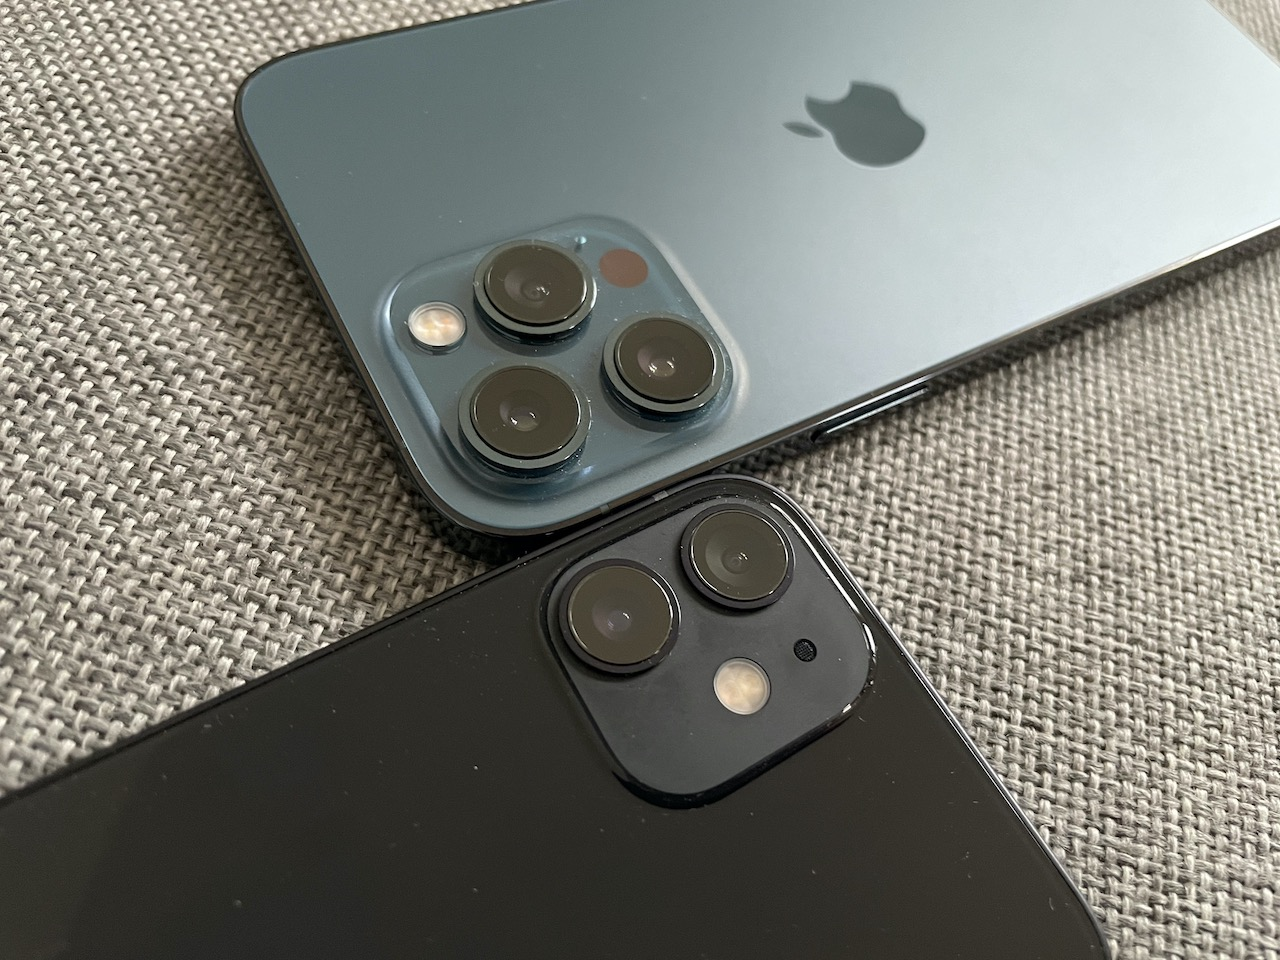 Apple registriert besonders viele iPhone-Switcher